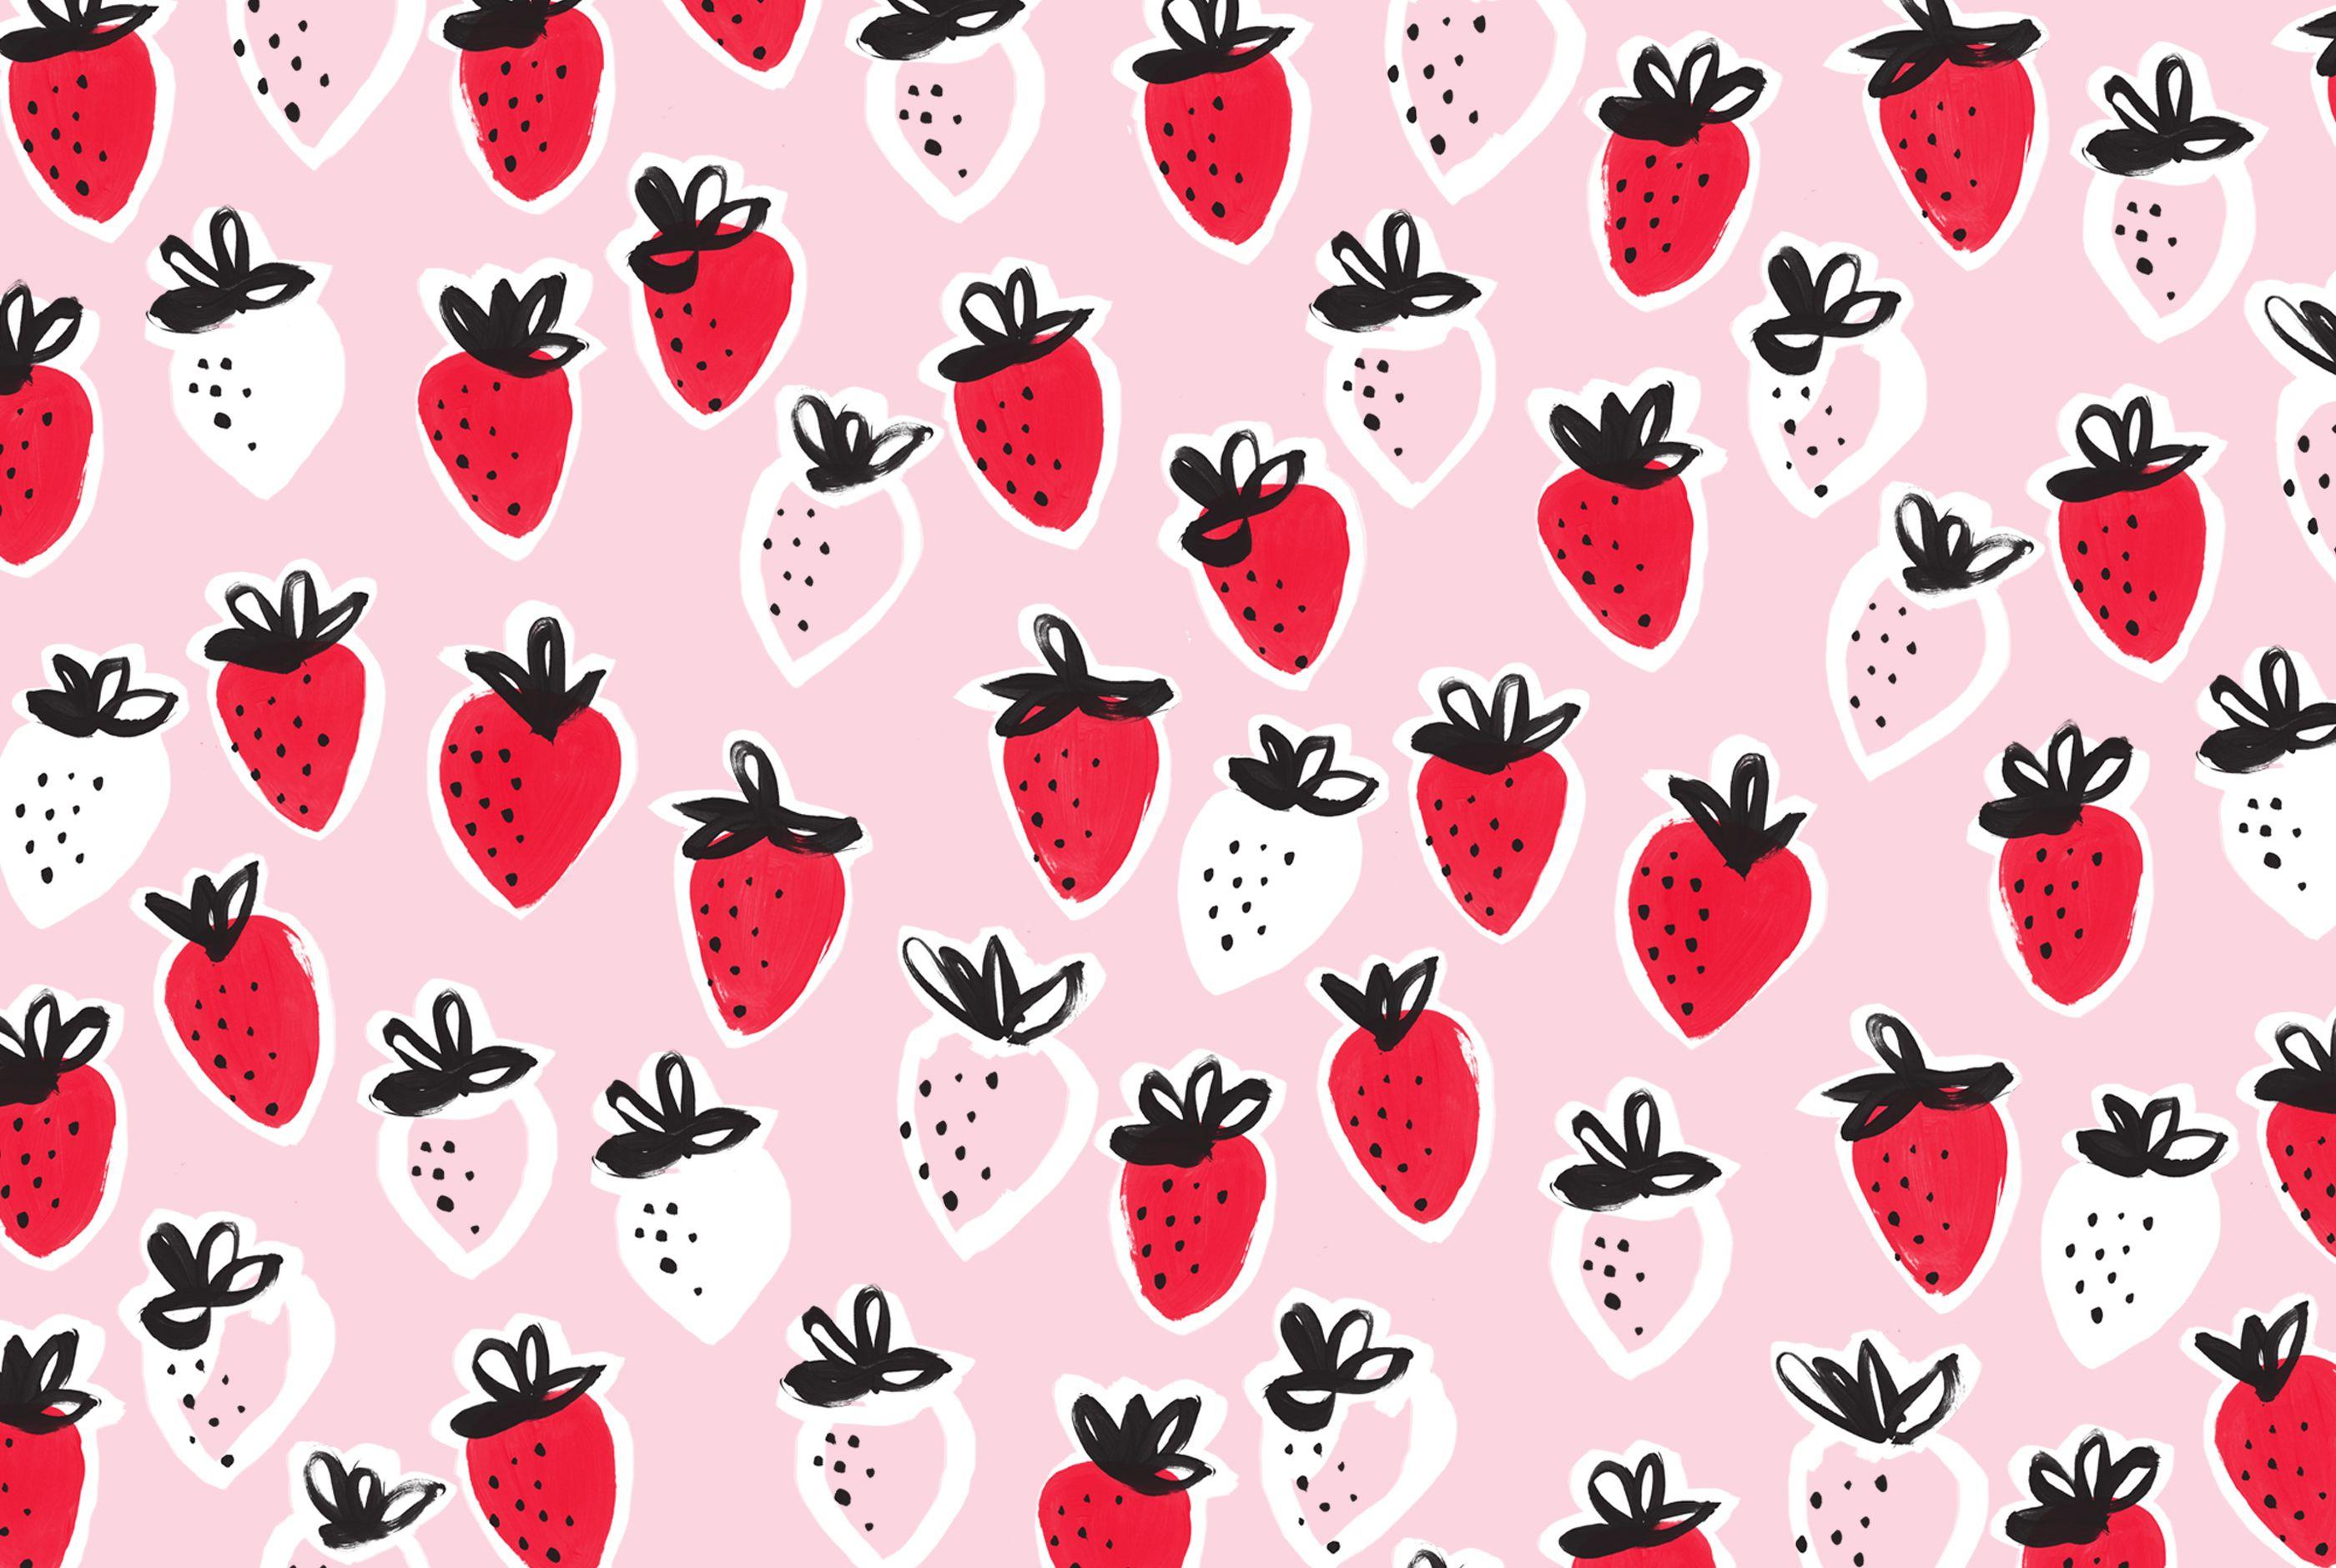 Strawberries Desktop Wallpaper Imac Wallpaper Desktop Wallpaper Design Desktop Wallpaper